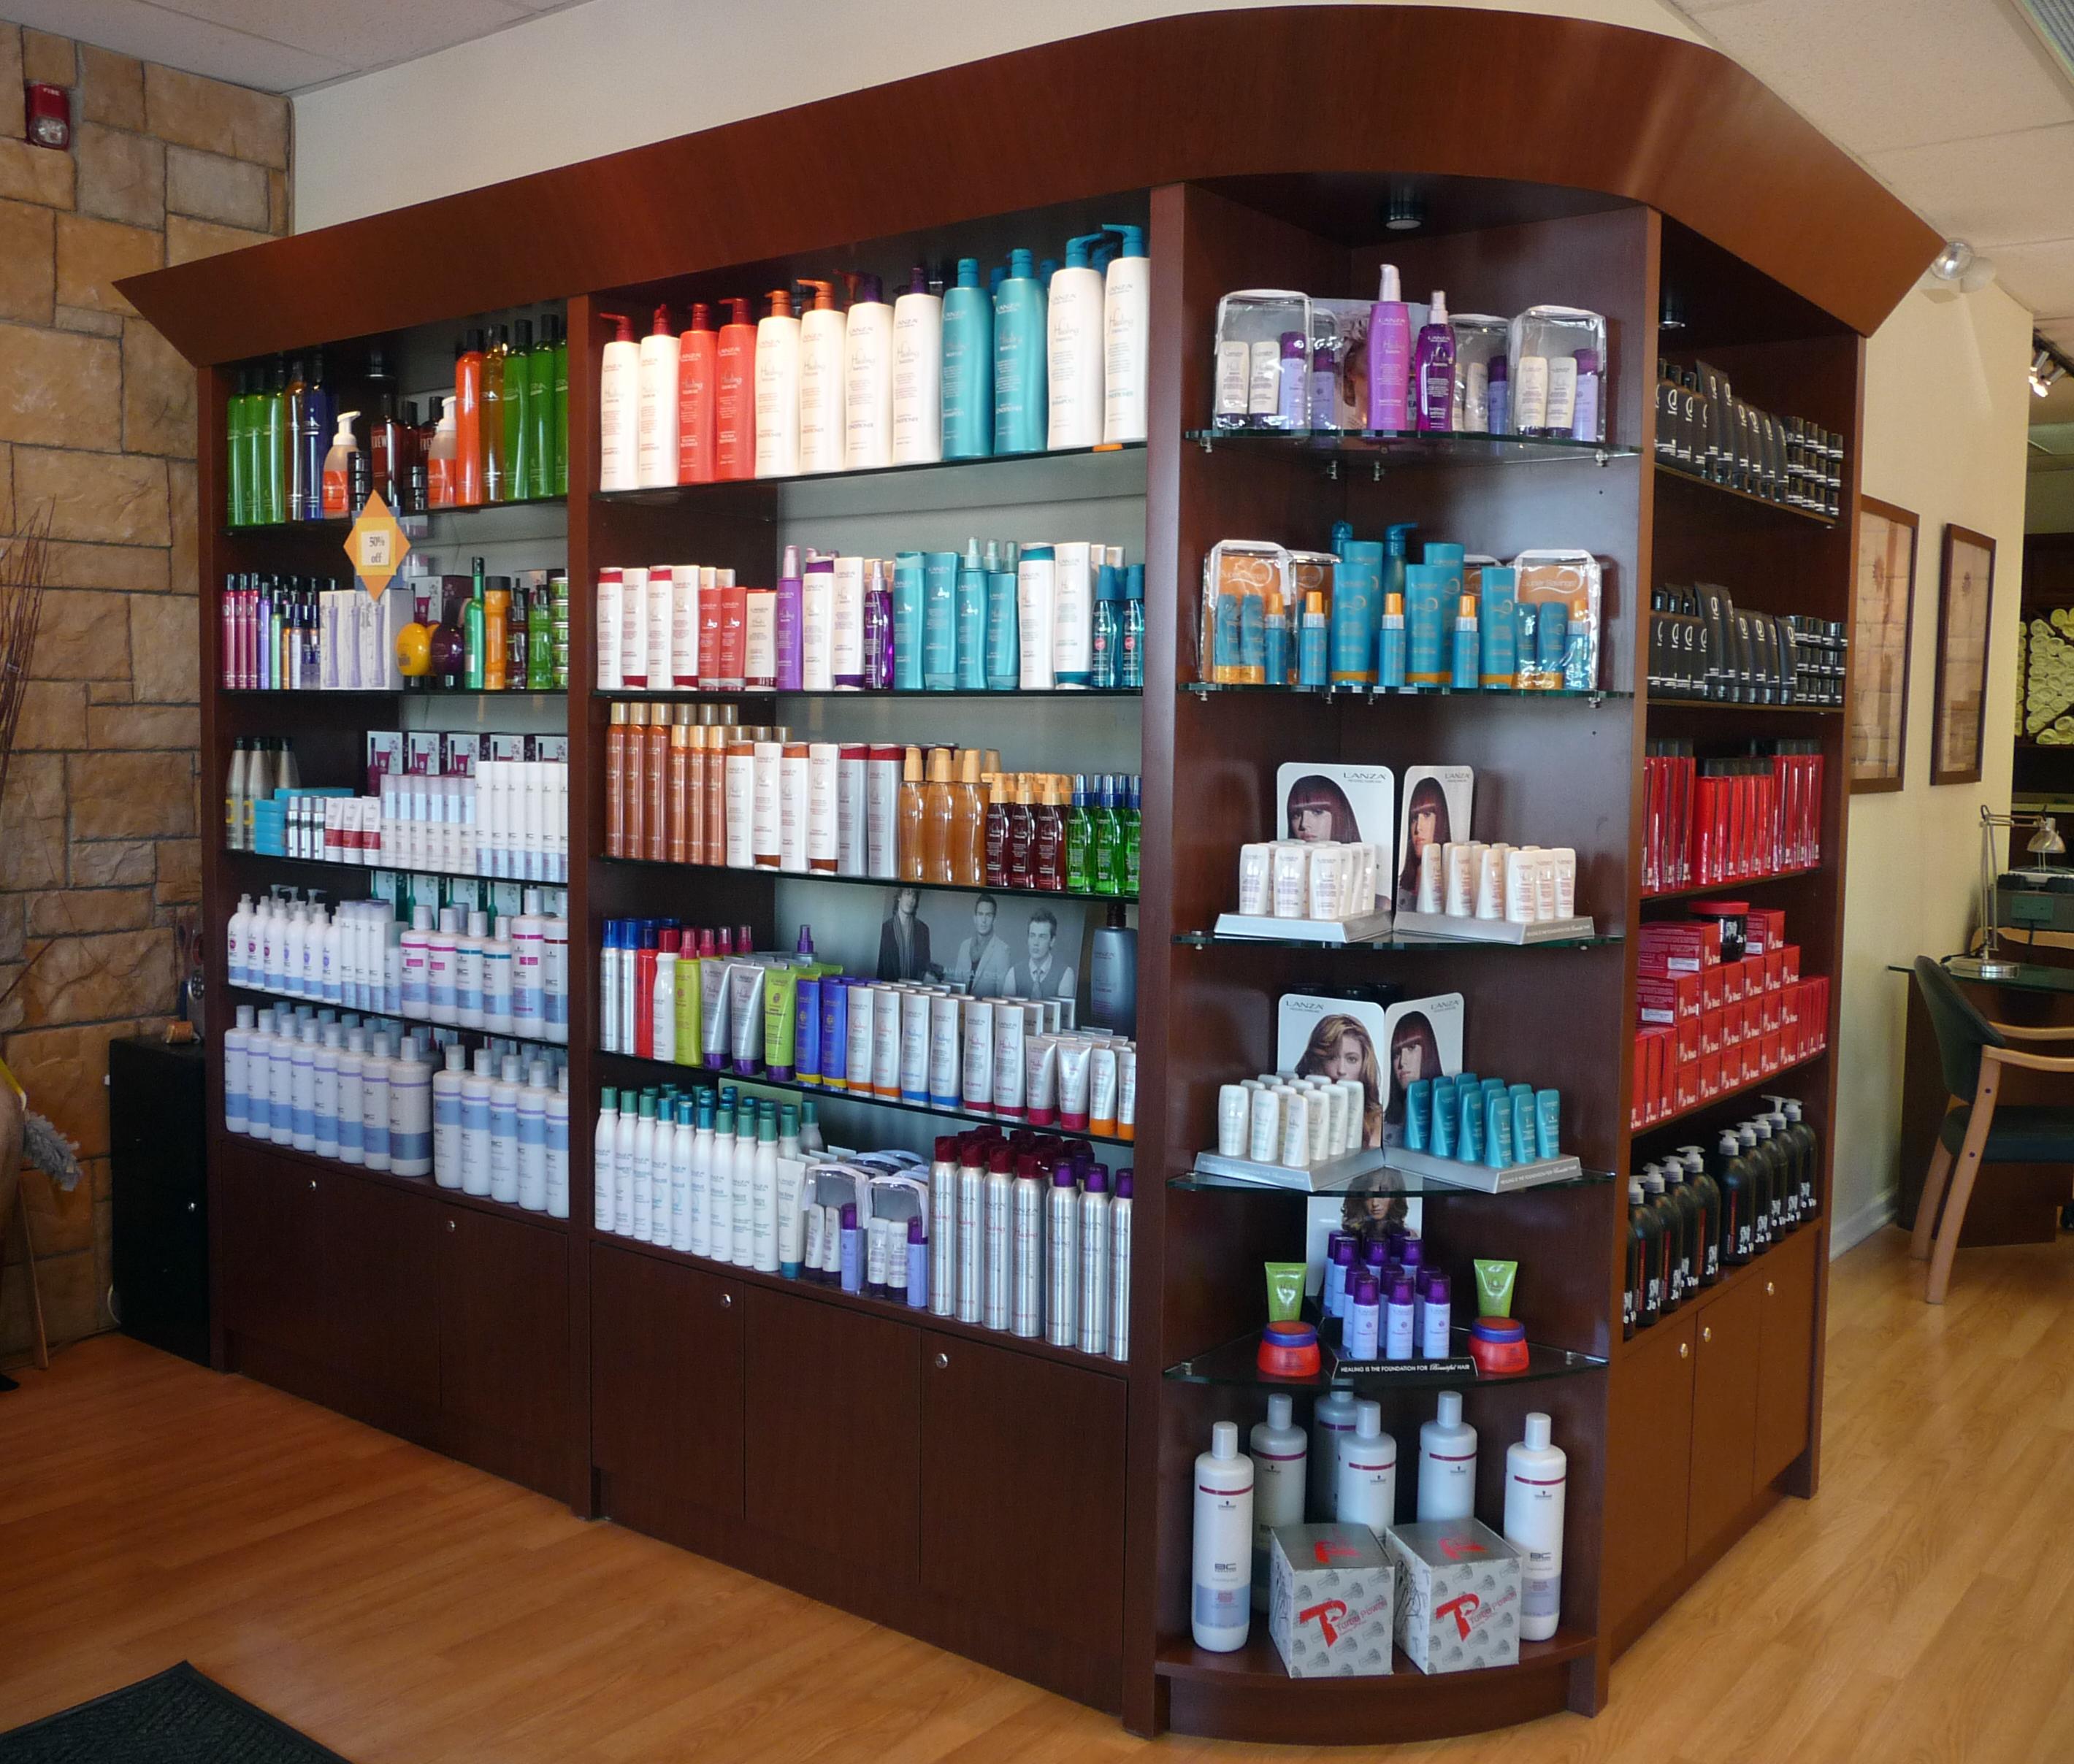 products jad kattan salon rh jadkattansalon com Salon Shelving Salon Retail Displays